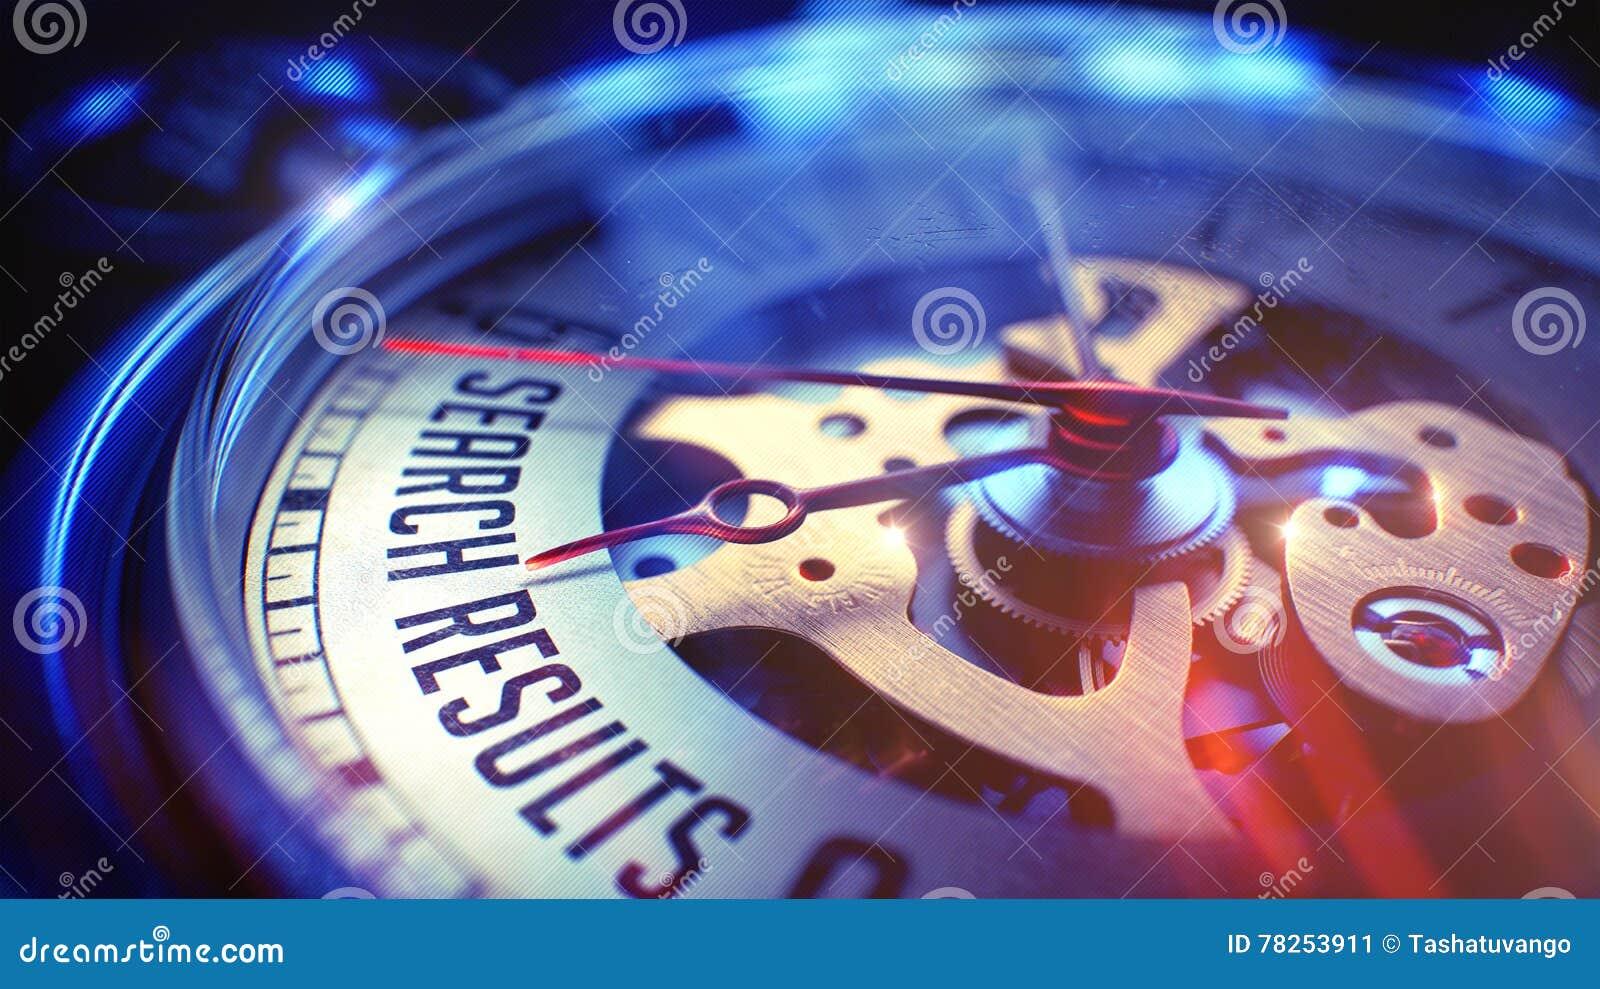 Αποτελέσματα αναζήτησης - φράση στο ρολόι τσεπών τρισδιάστατη απεικόνιση